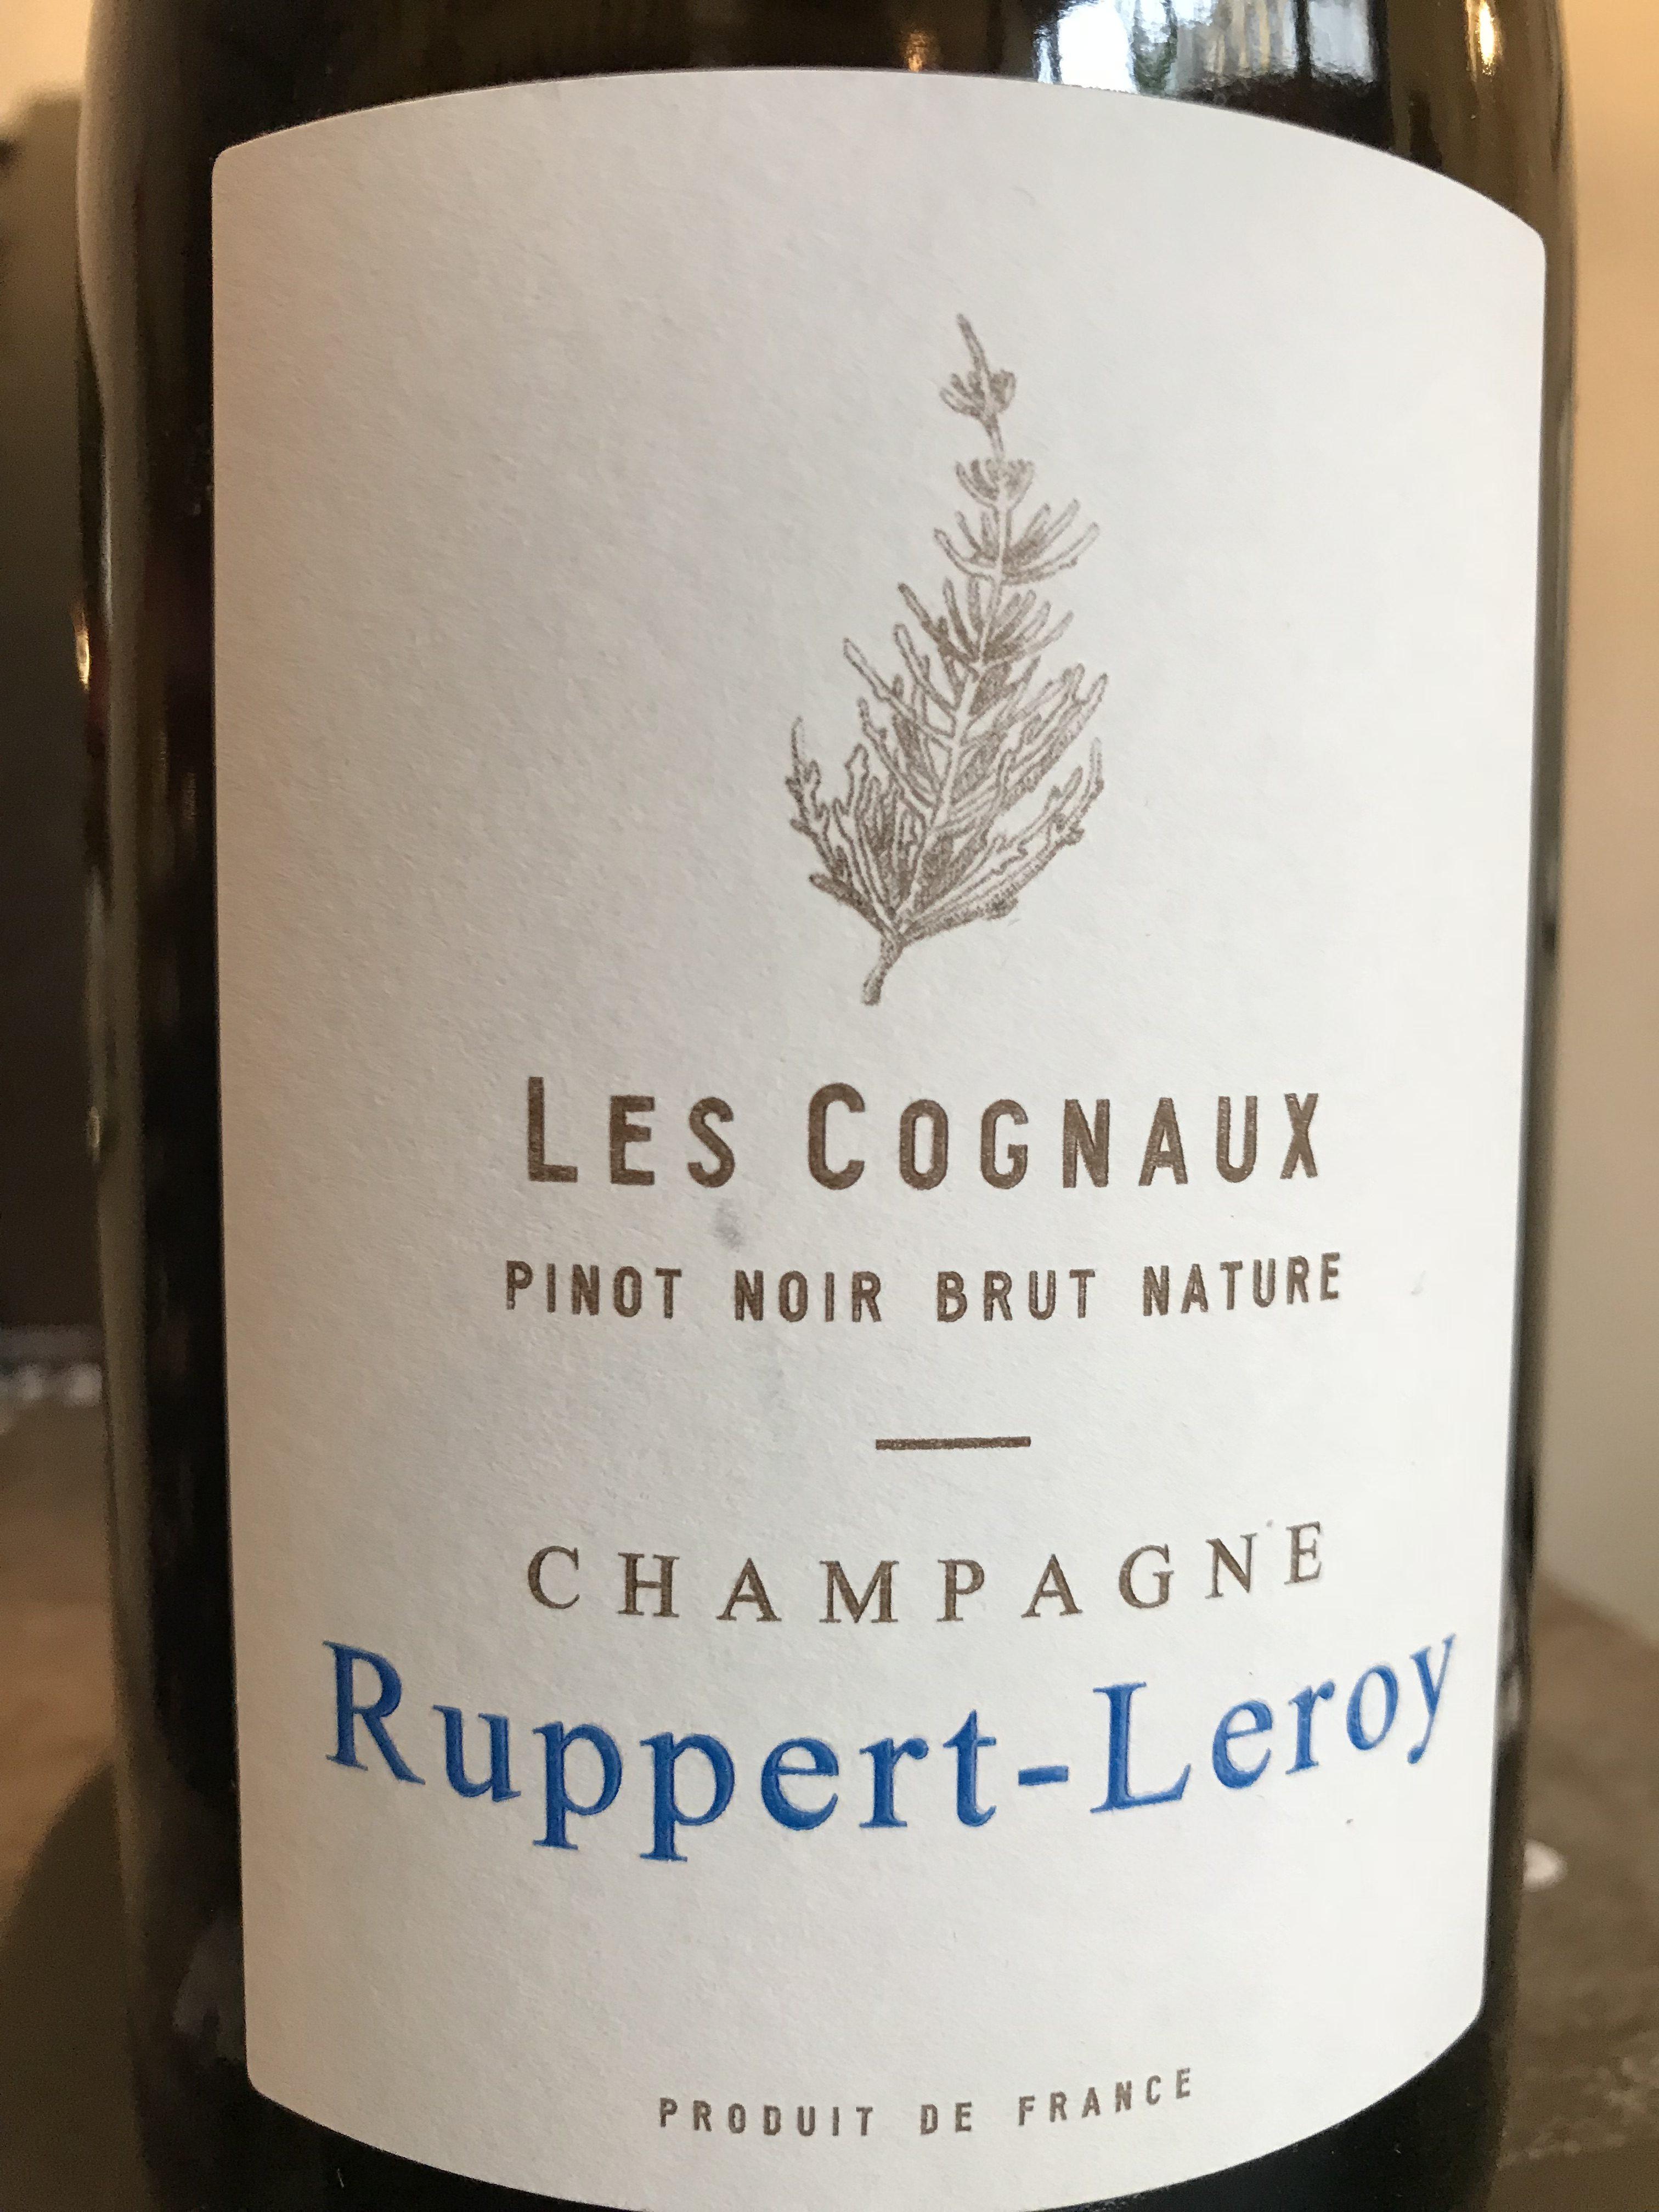 LES COGNAUX - 100% Pinot Noir